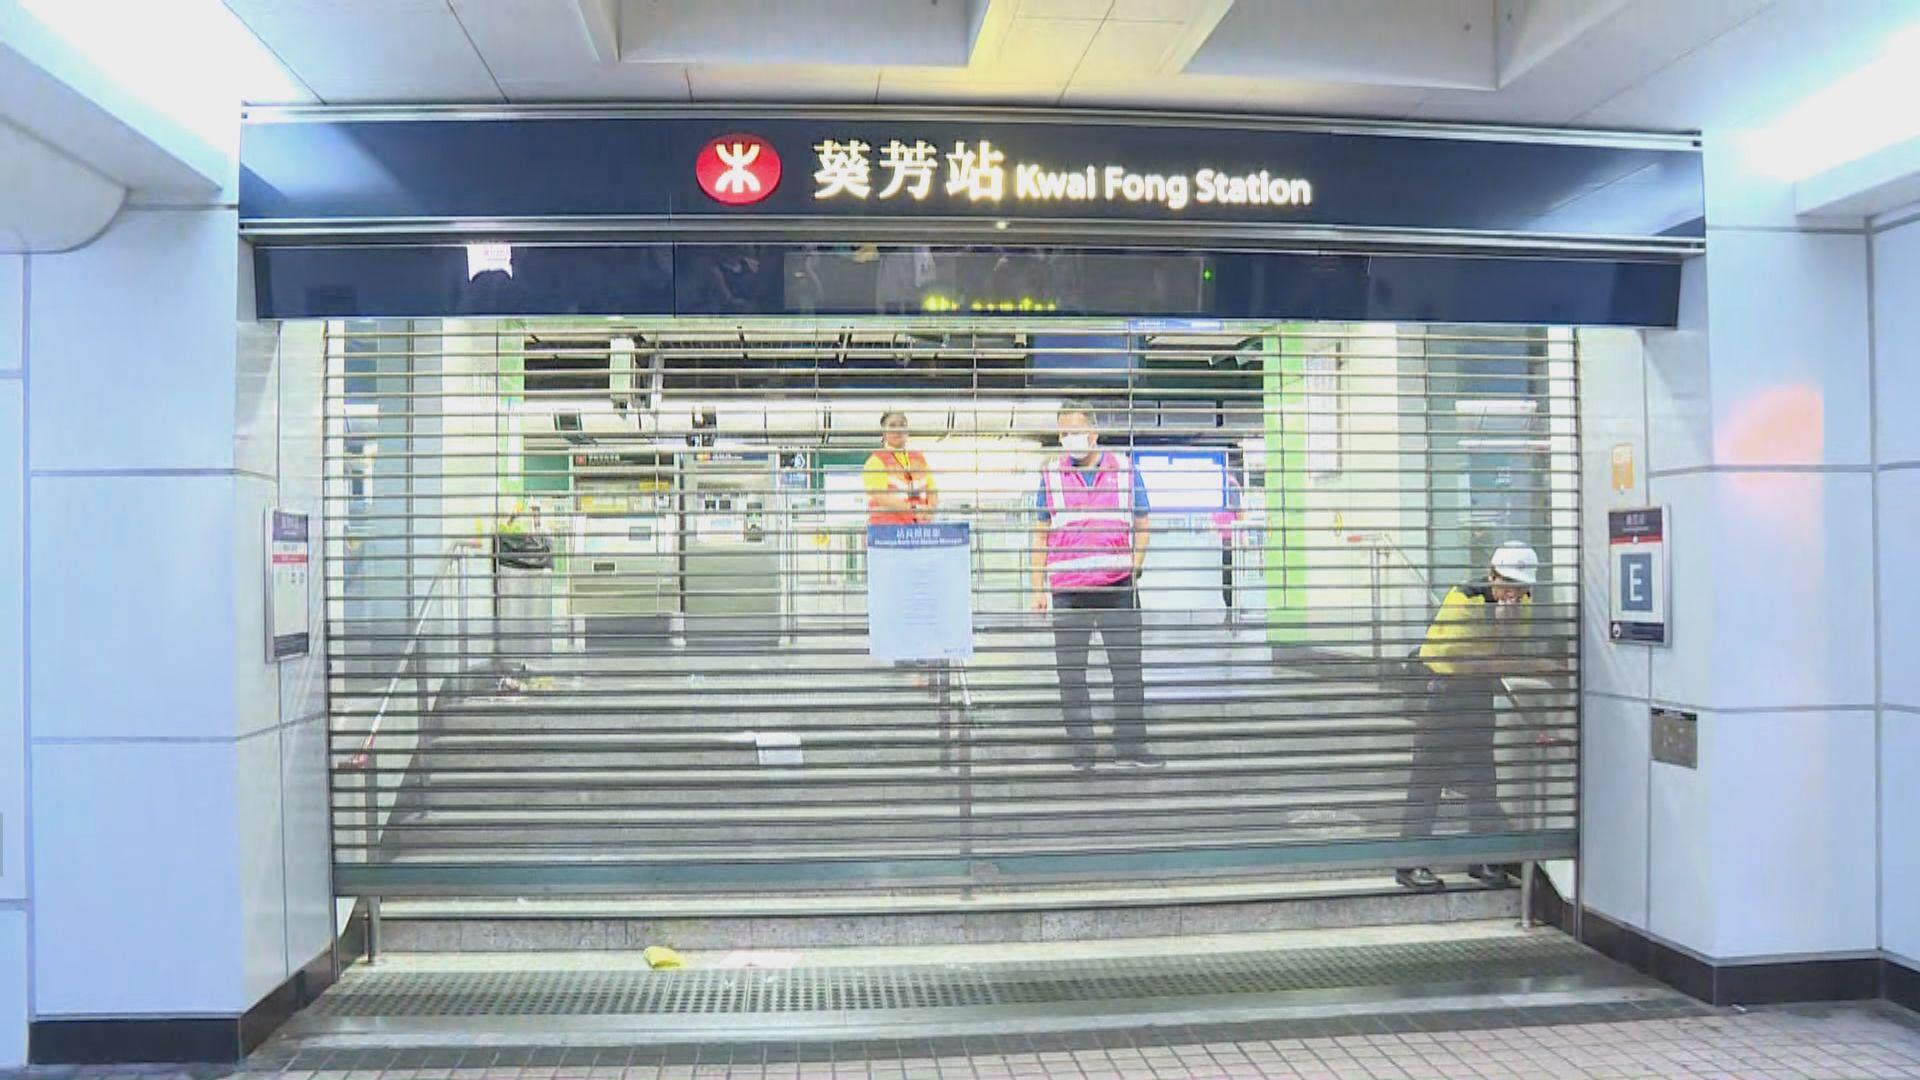 葵芳站提早關閉 乘客批港鐵反應過敏